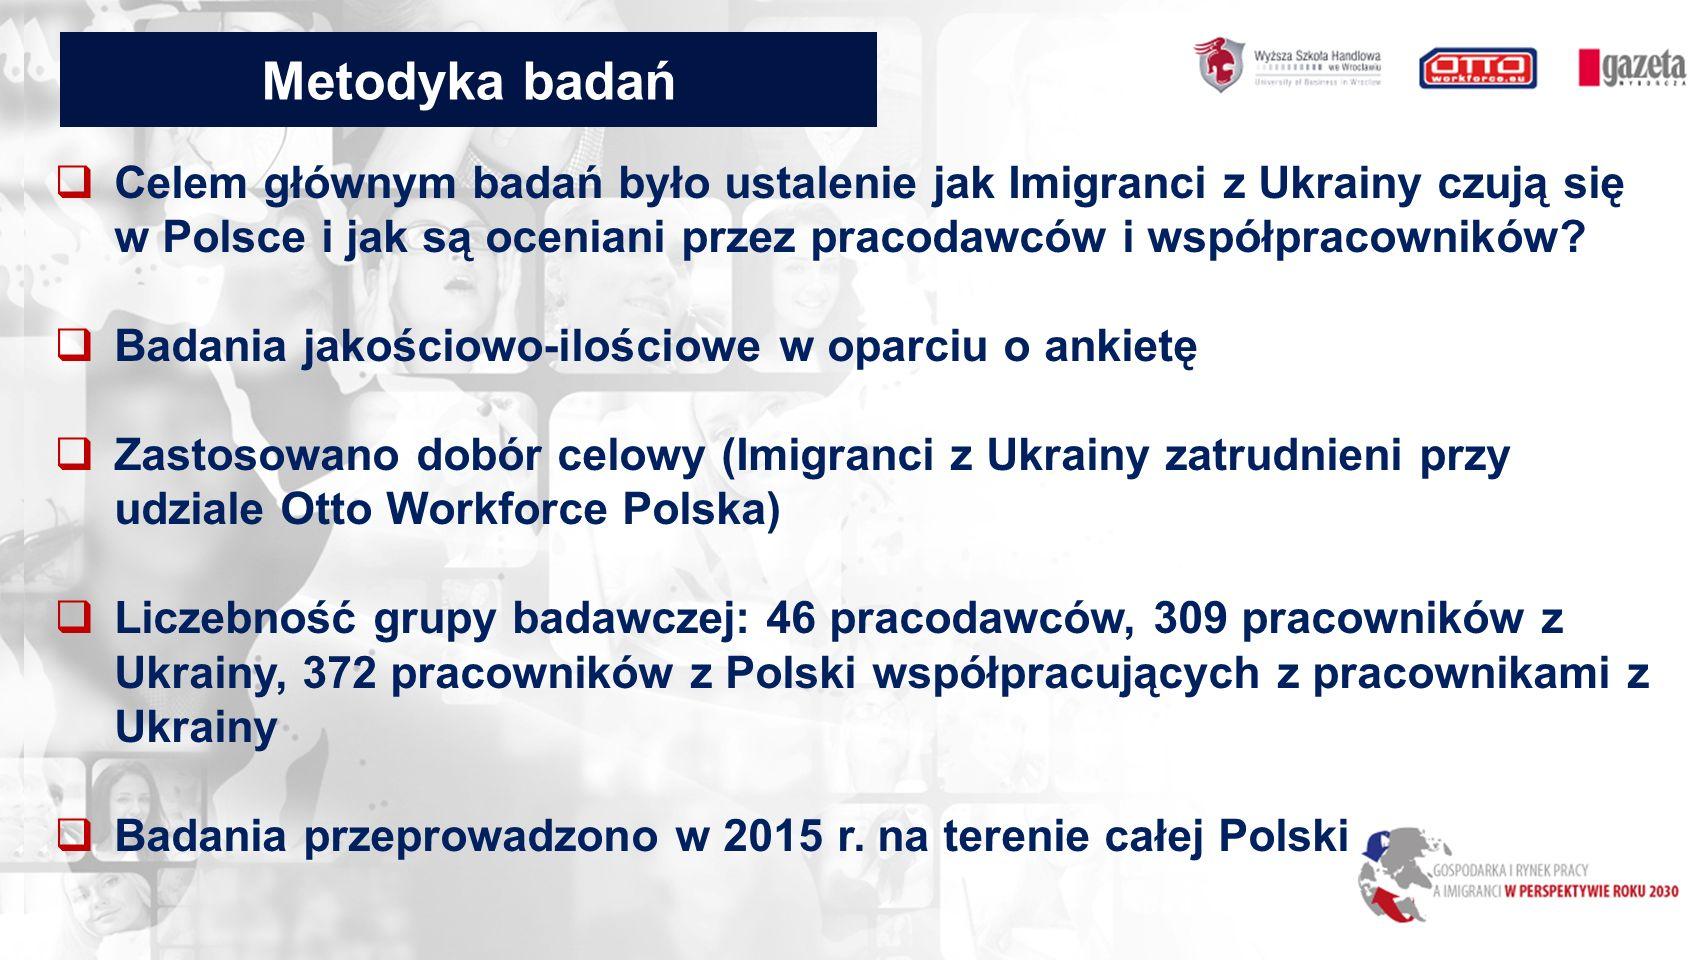 Metodyka badań  Celem głównym badań było ustalenie jak Imigranci z Ukrainy czują się w Polsce i jak są oceniani przez pracodawców i współpracowników.